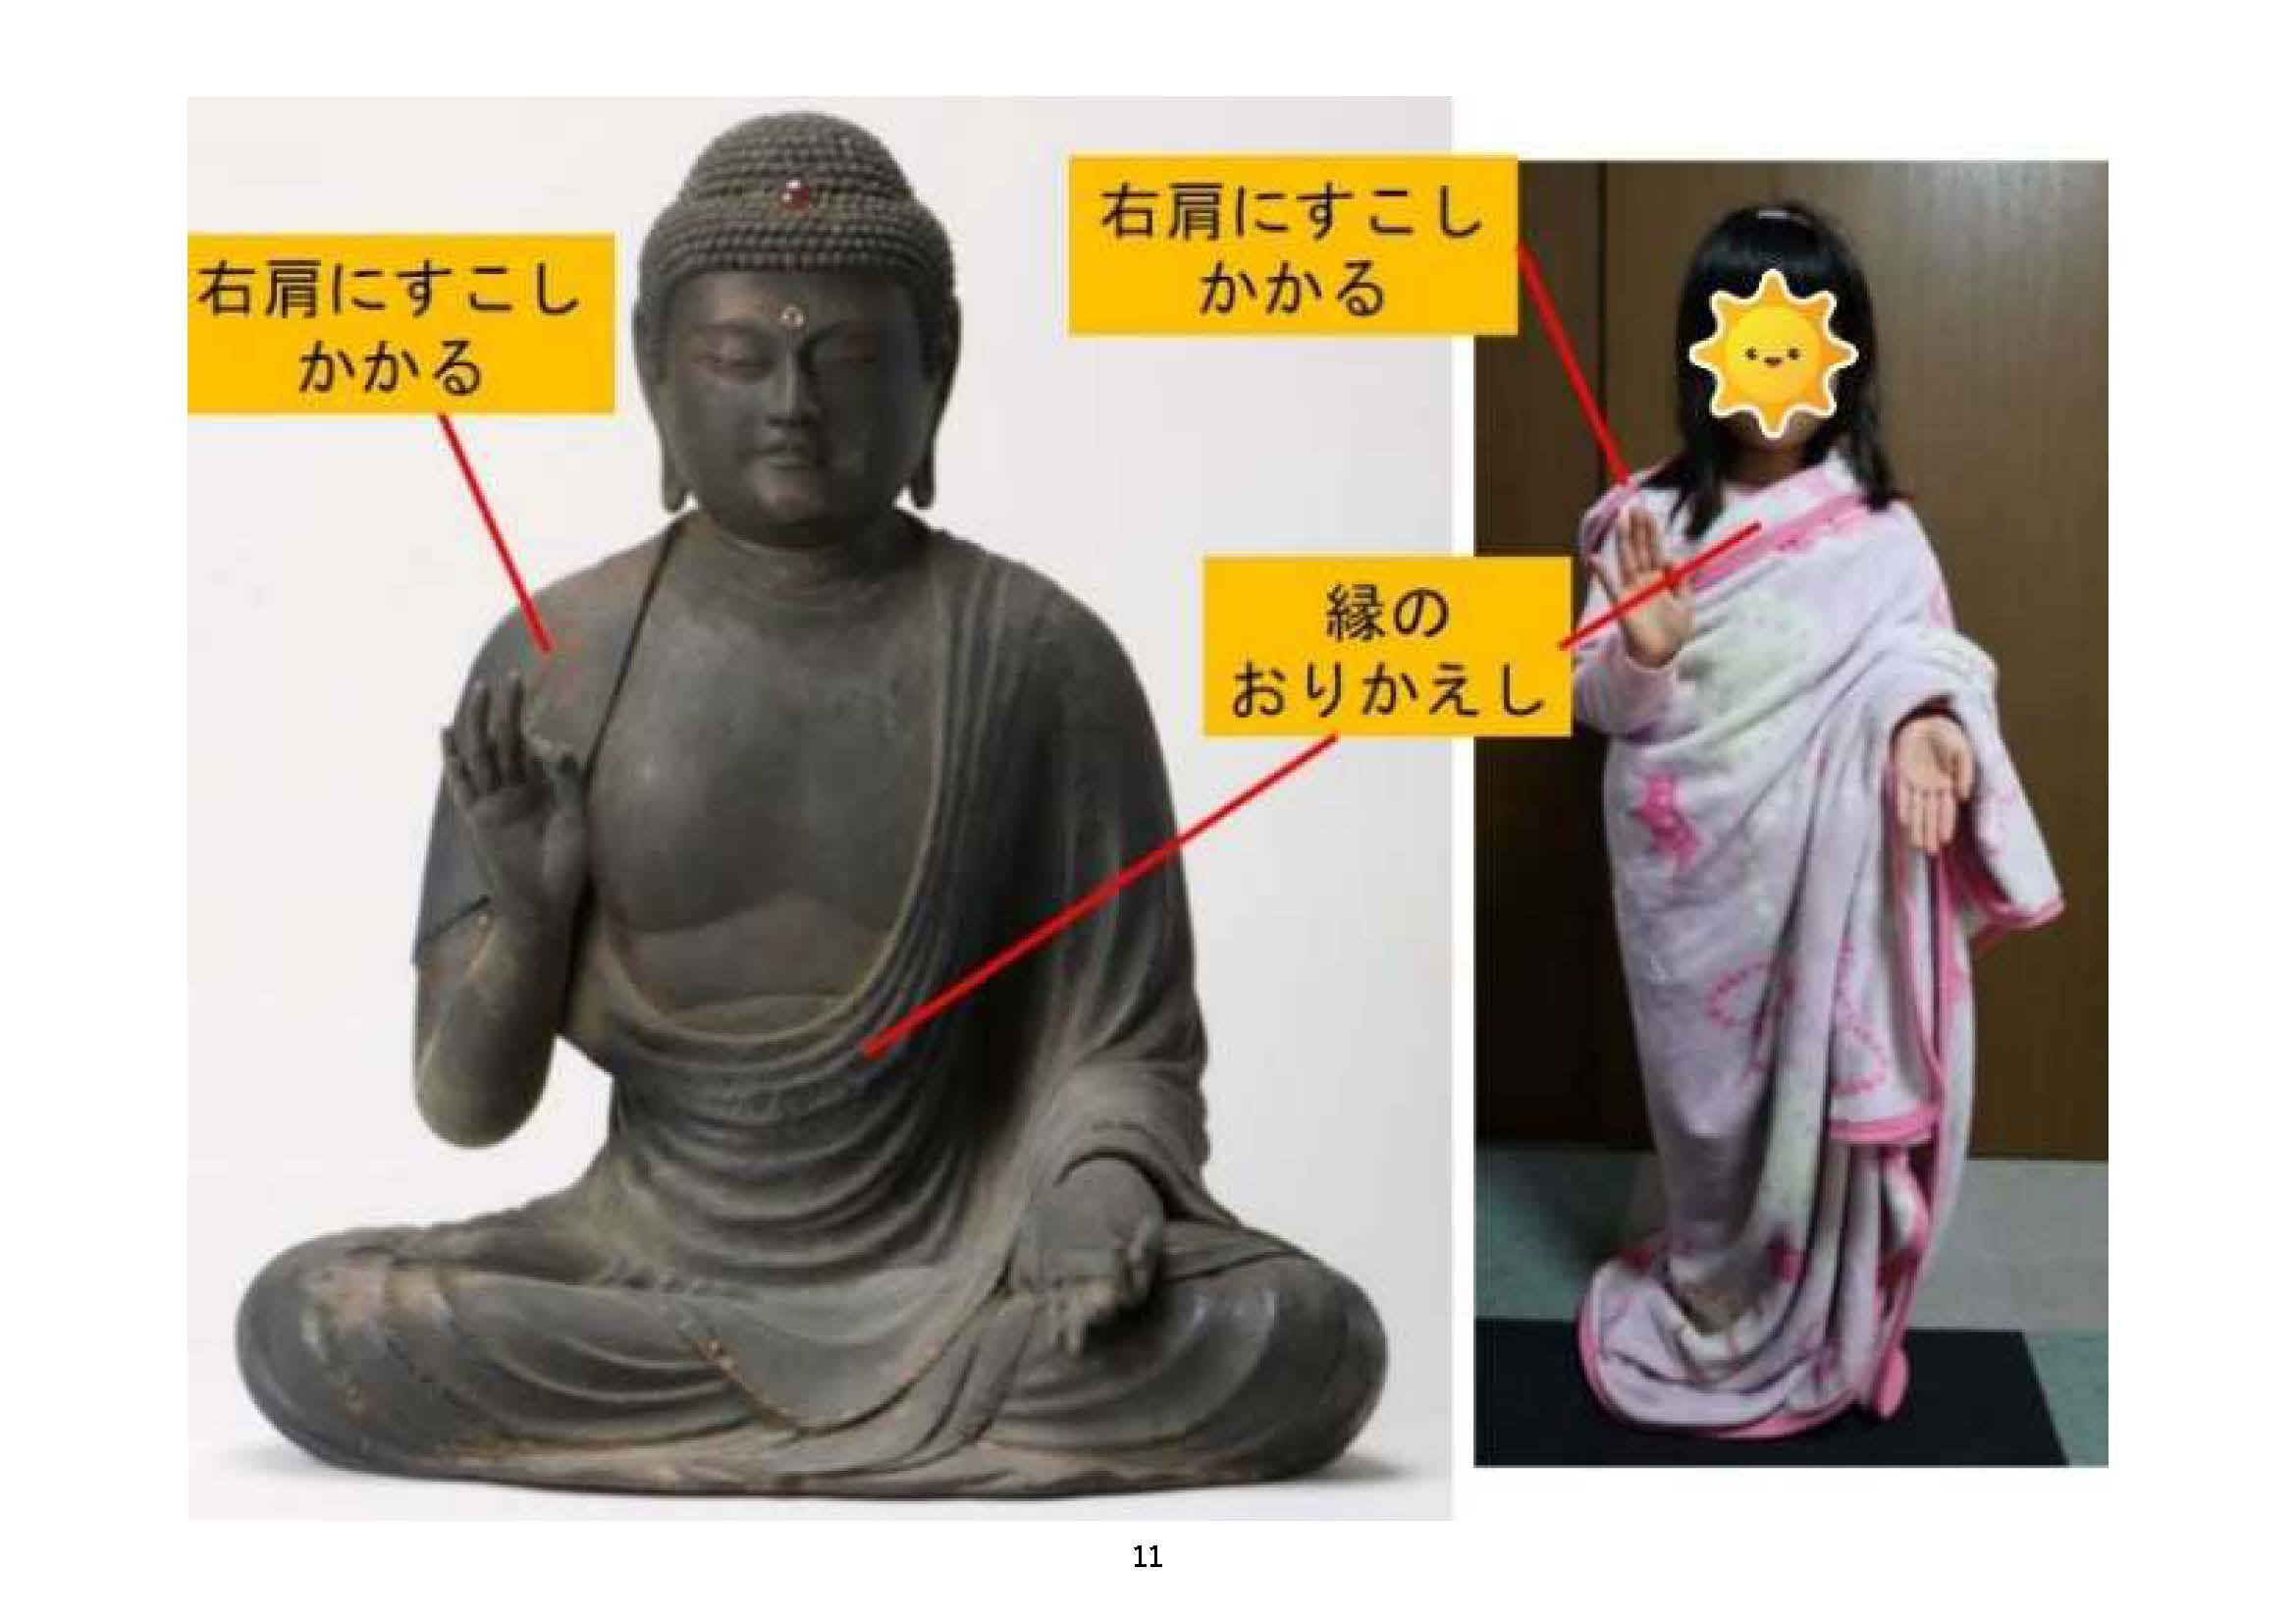 これまでの手順通りに大きめの布をまとった様子と、阿弥陀如来坐像の衣との比較・その1